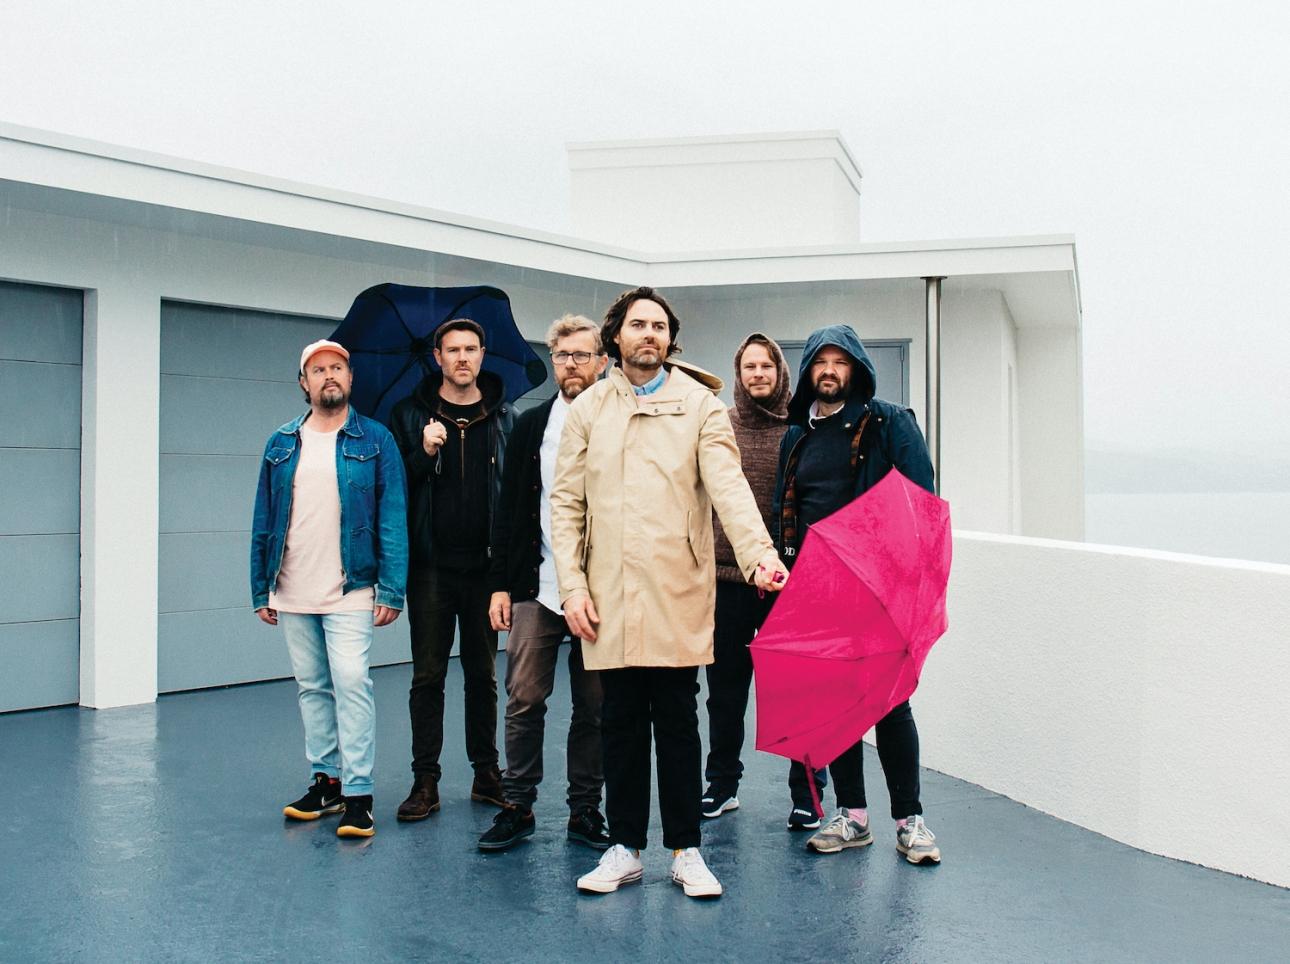 Команда Phoenix Foundation и Fazerdaze записывают новый трек «Beside Yourself»